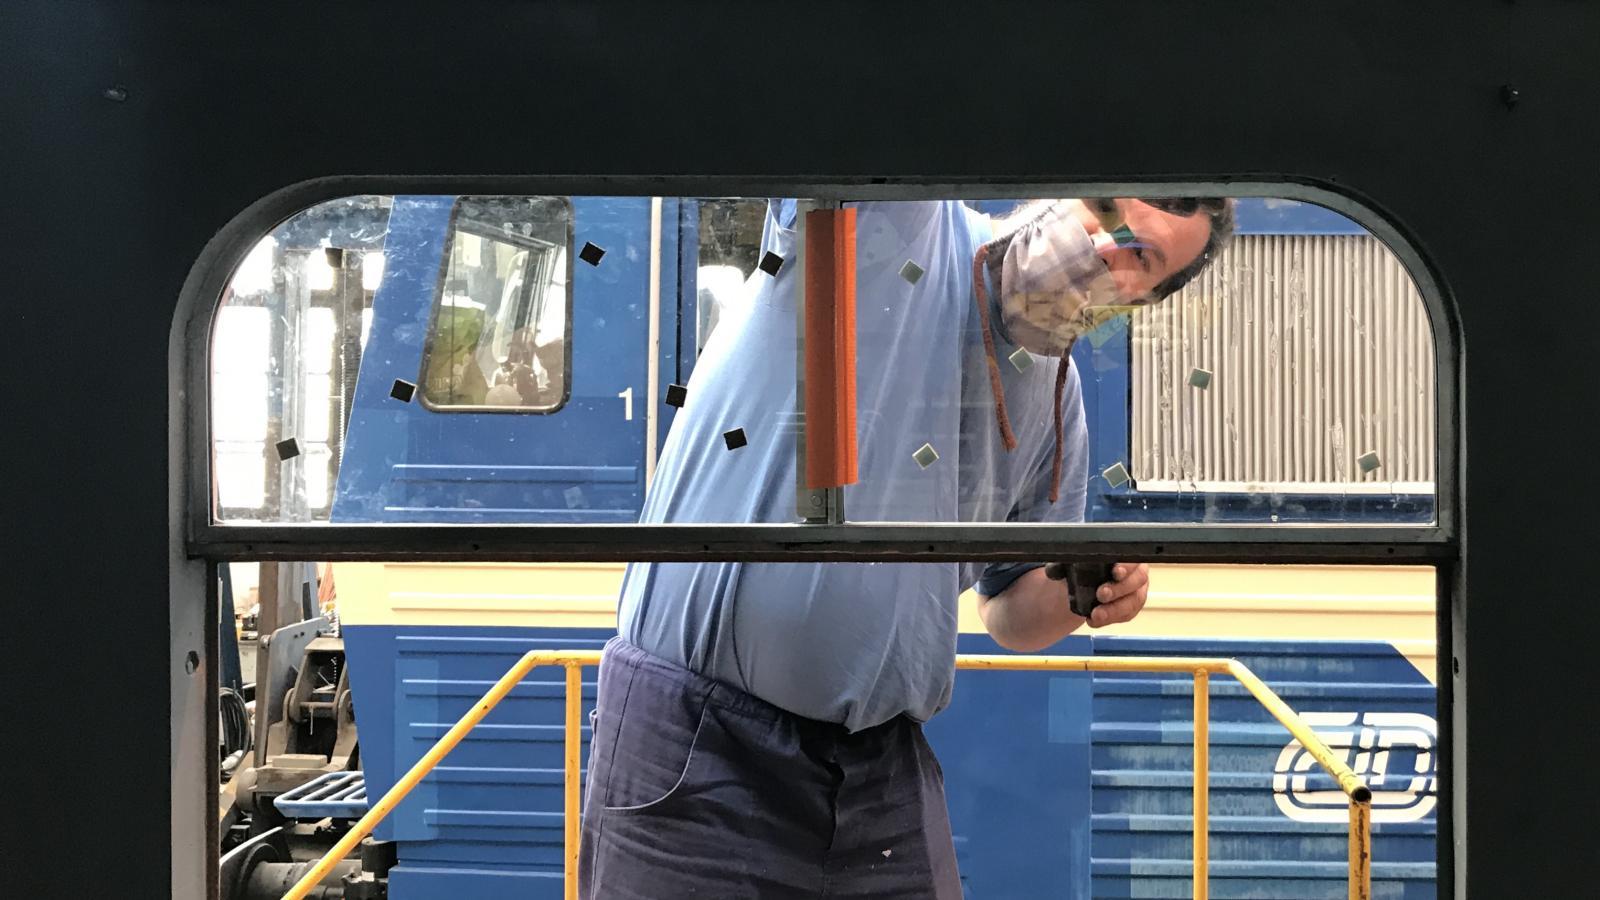 Dělník opravuje okna železničního vozu, budou mít dřevěné rámy